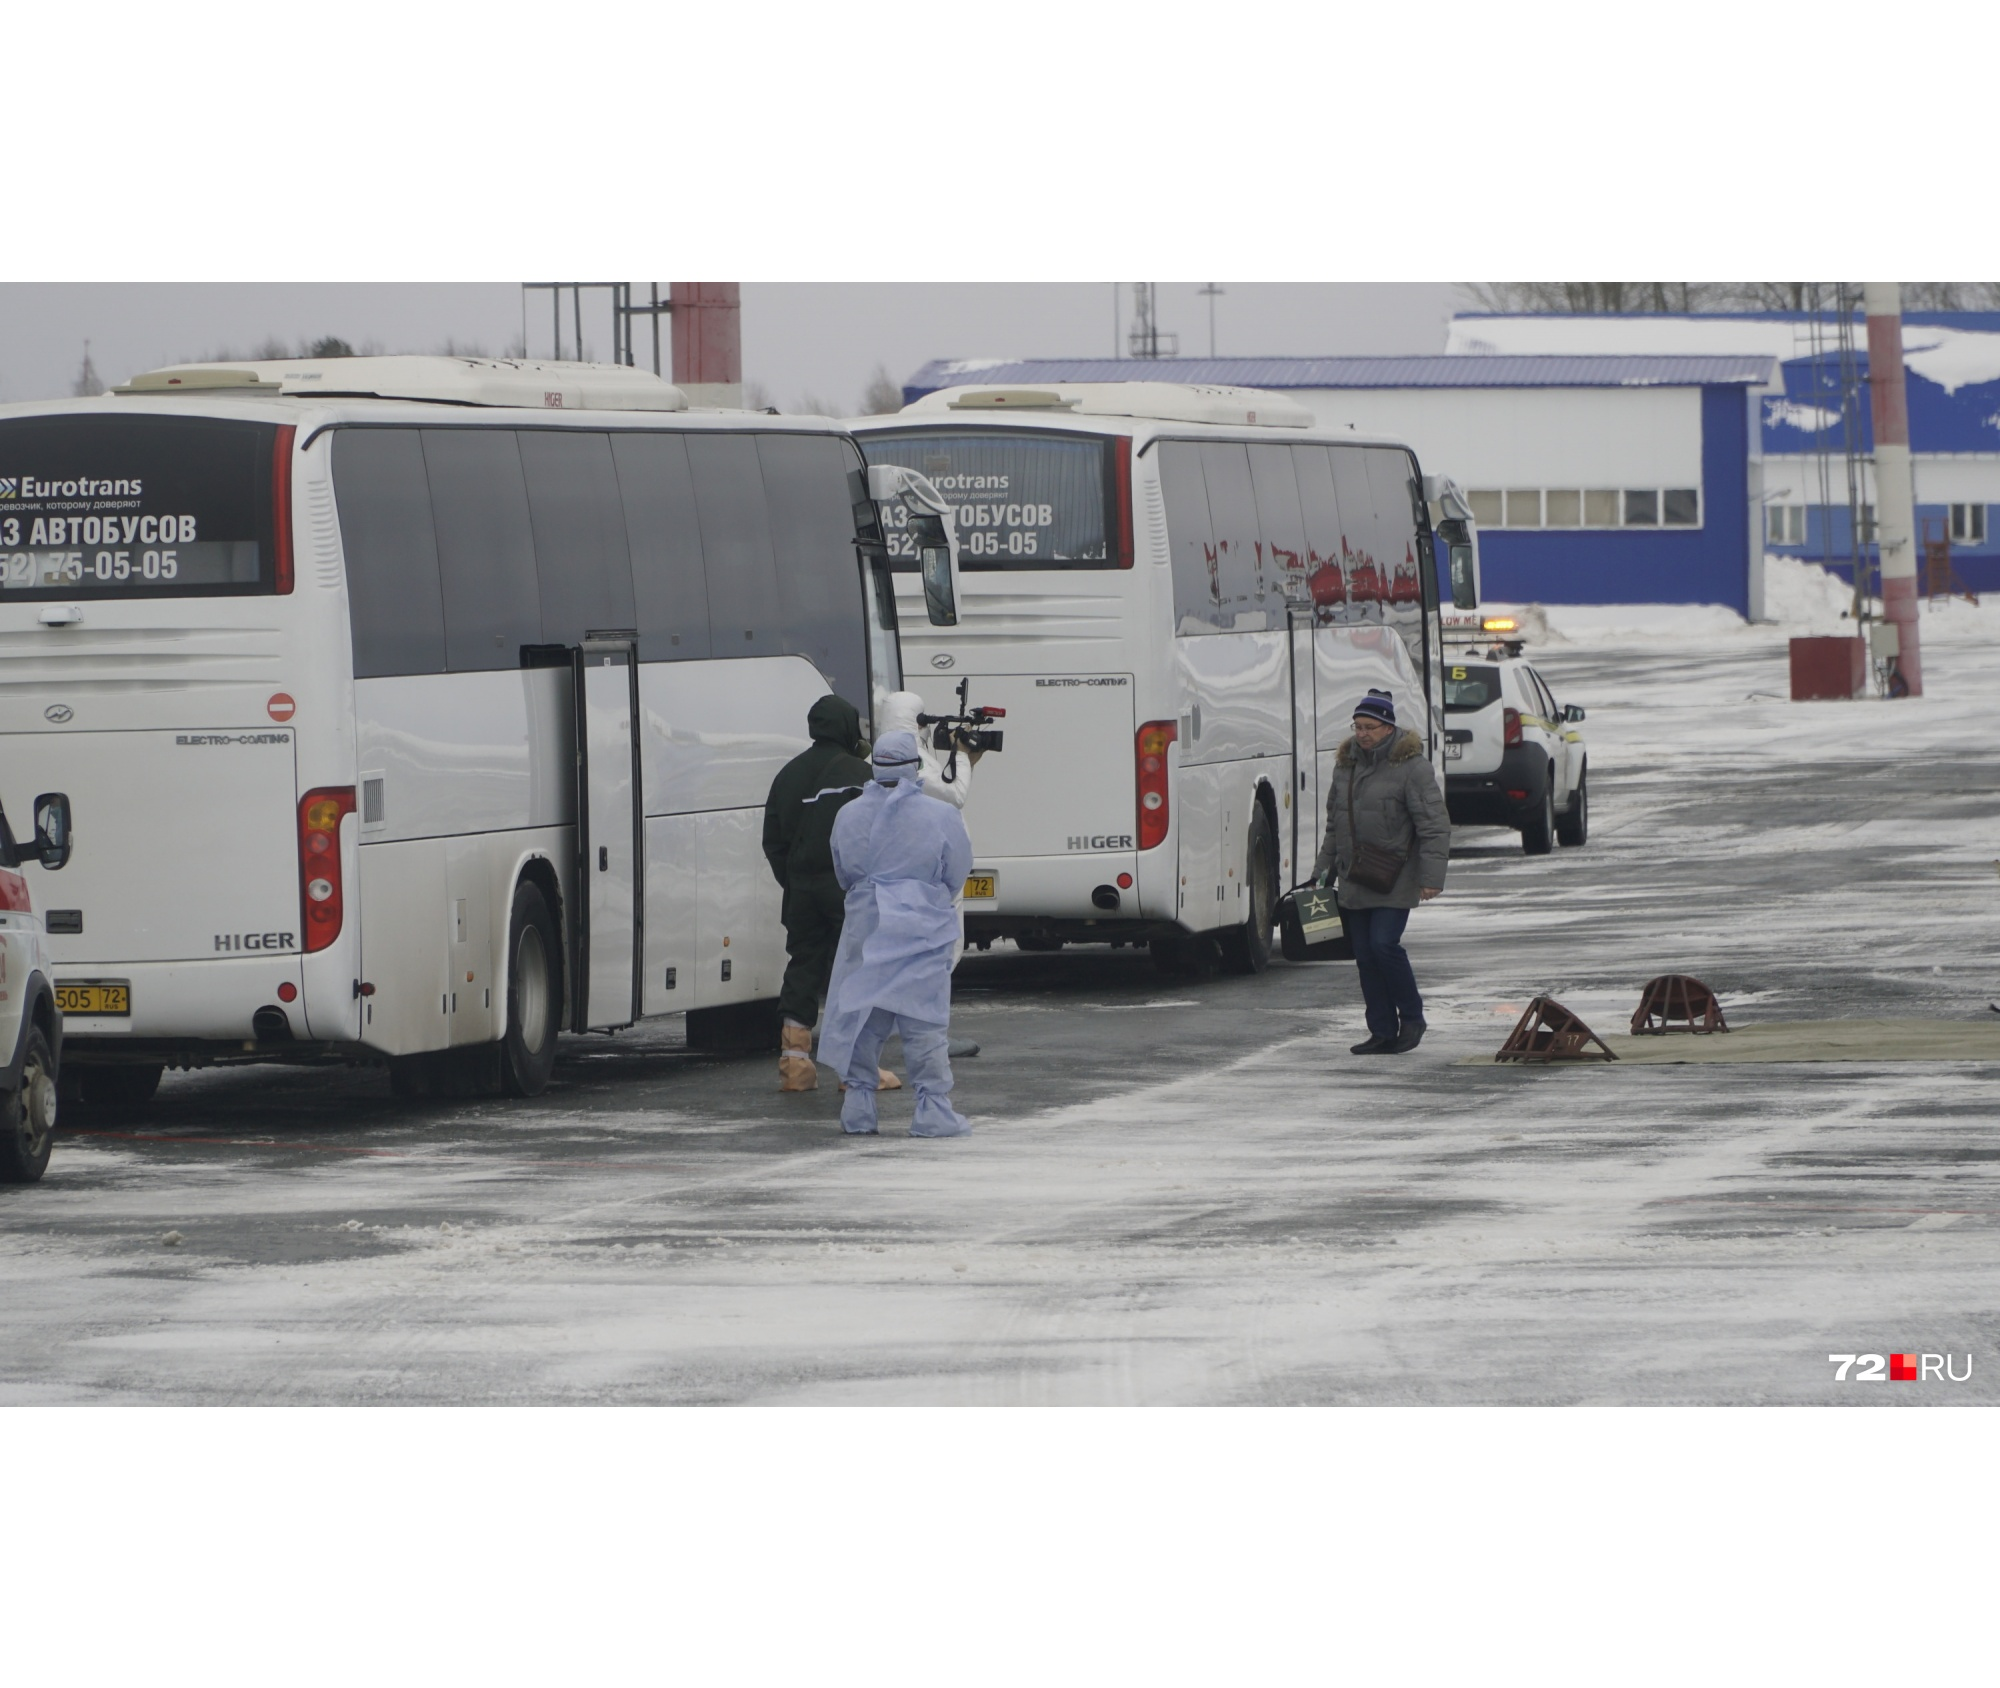 По одному пассажиры садились в автобусы, после того как у них проверили документы и состояние здоровья